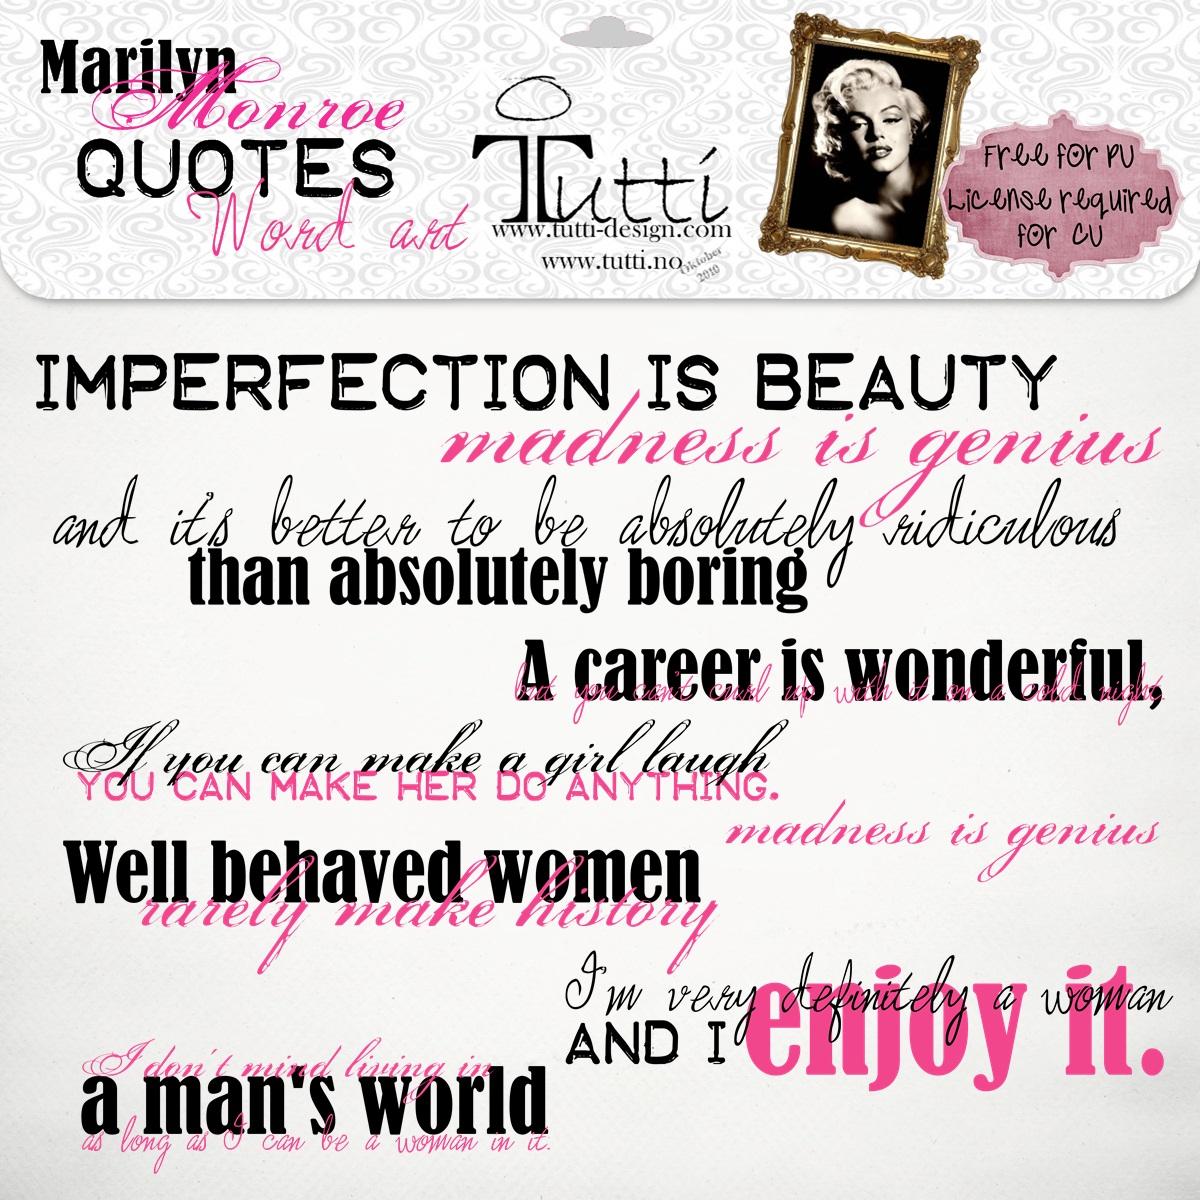 http://1.bp.blogspot.com/_vupLwp3FATY/TFbrB-nNjdI/AAAAAAAABzk/evSJz_OiJls/s1600/Marilyn+Monroe+quotes+word+art.jpg